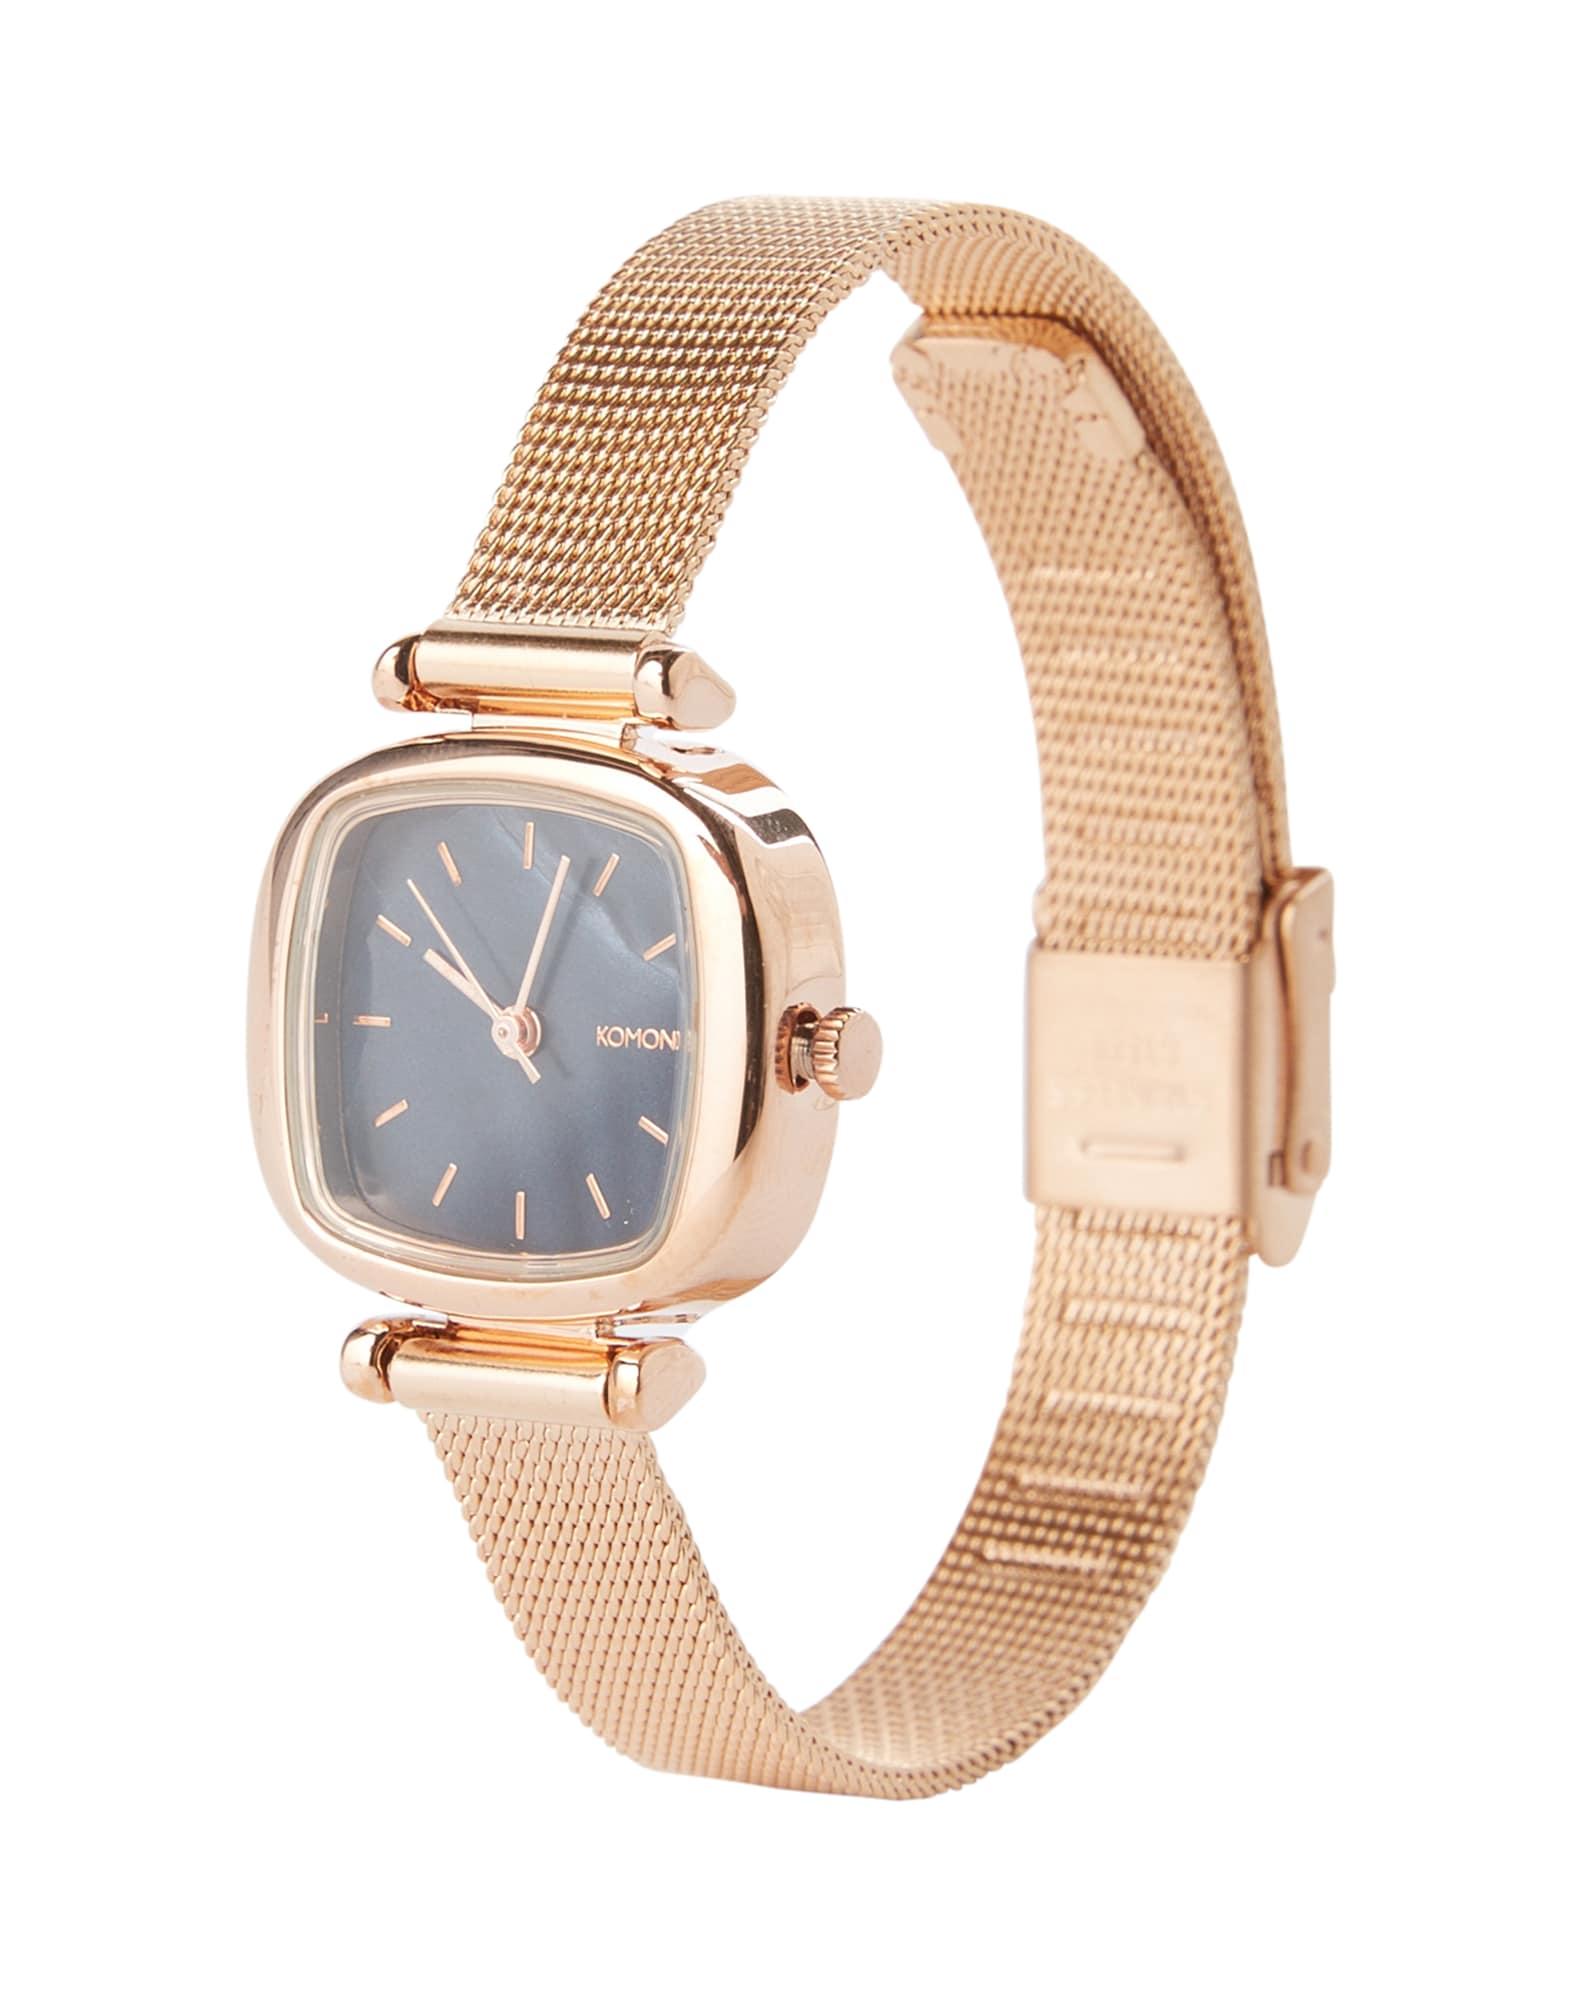 Analogové hodinky Moneypenny Royale růže černá Komono